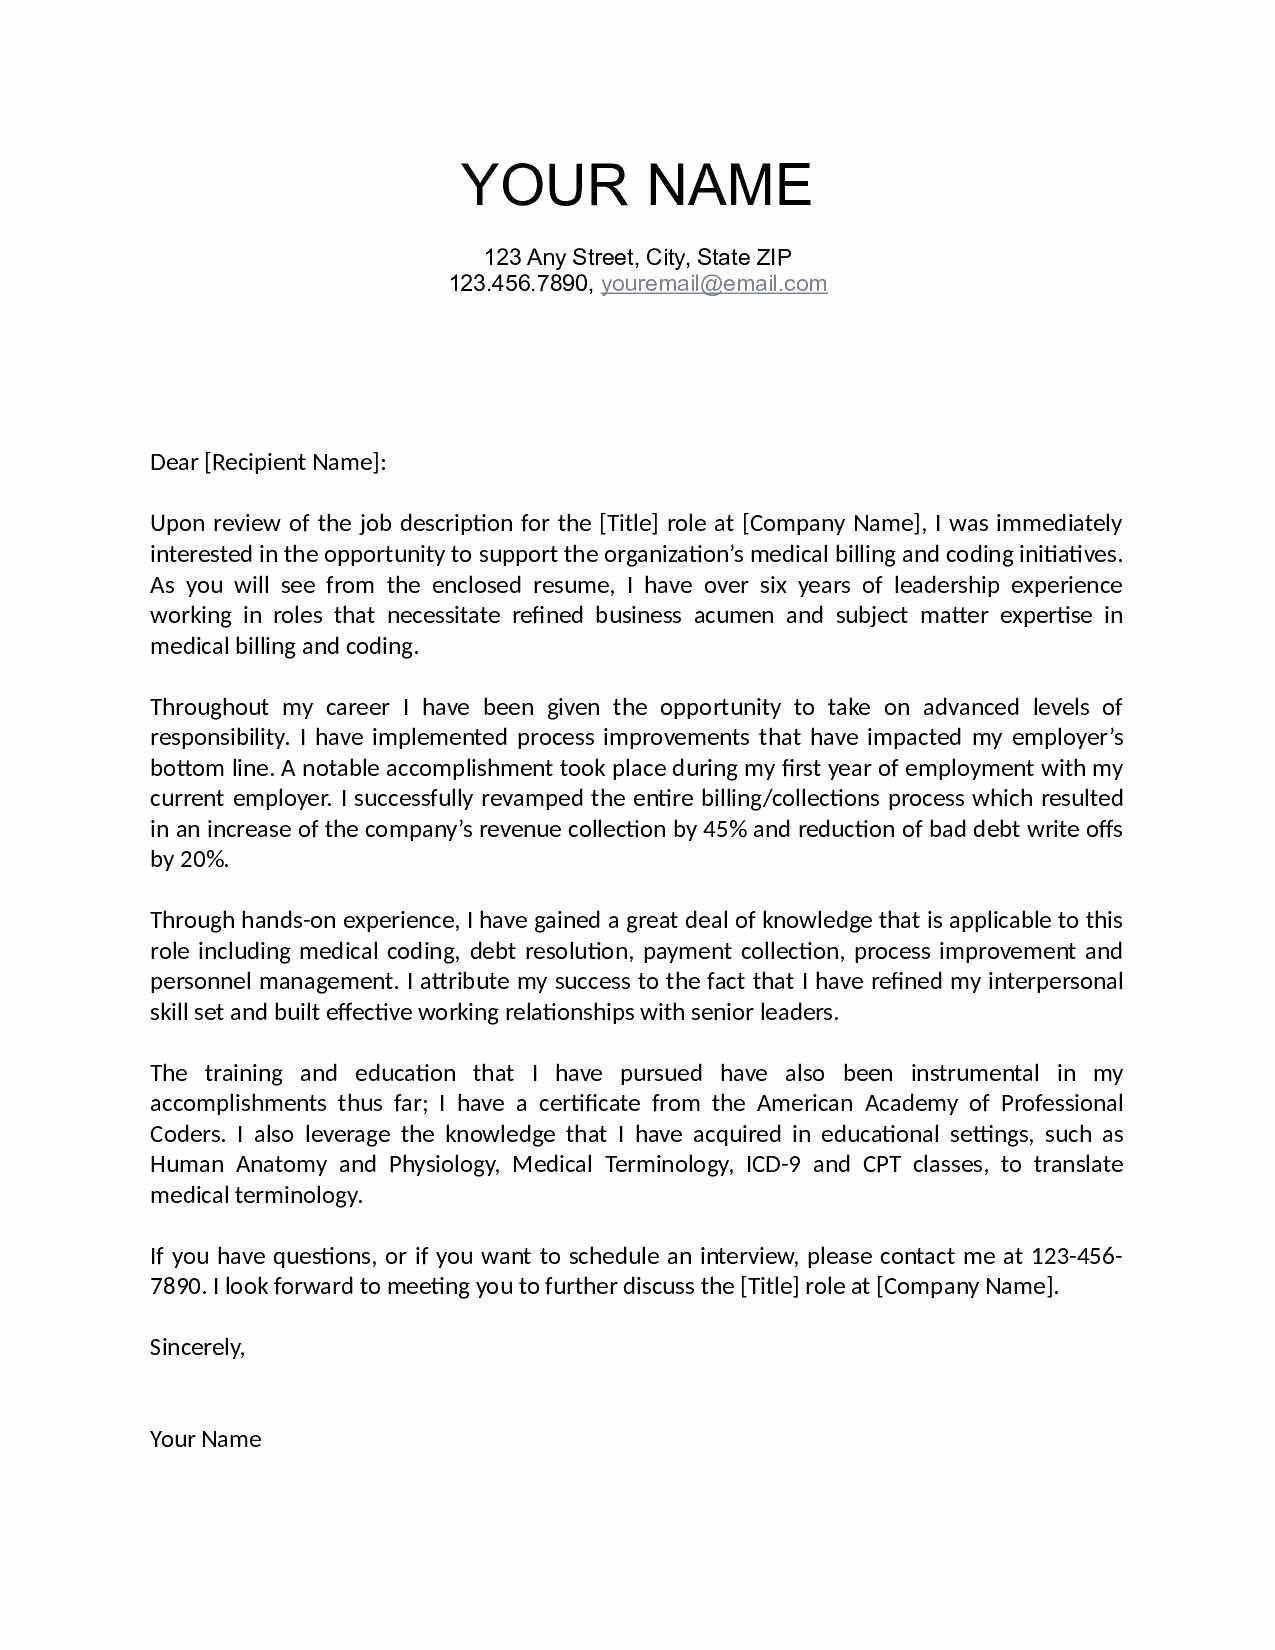 Free Template Cover Letter for Job Application - Fax Cover Letters Unique formal Job Fer Letter Valid Job Fer Letter